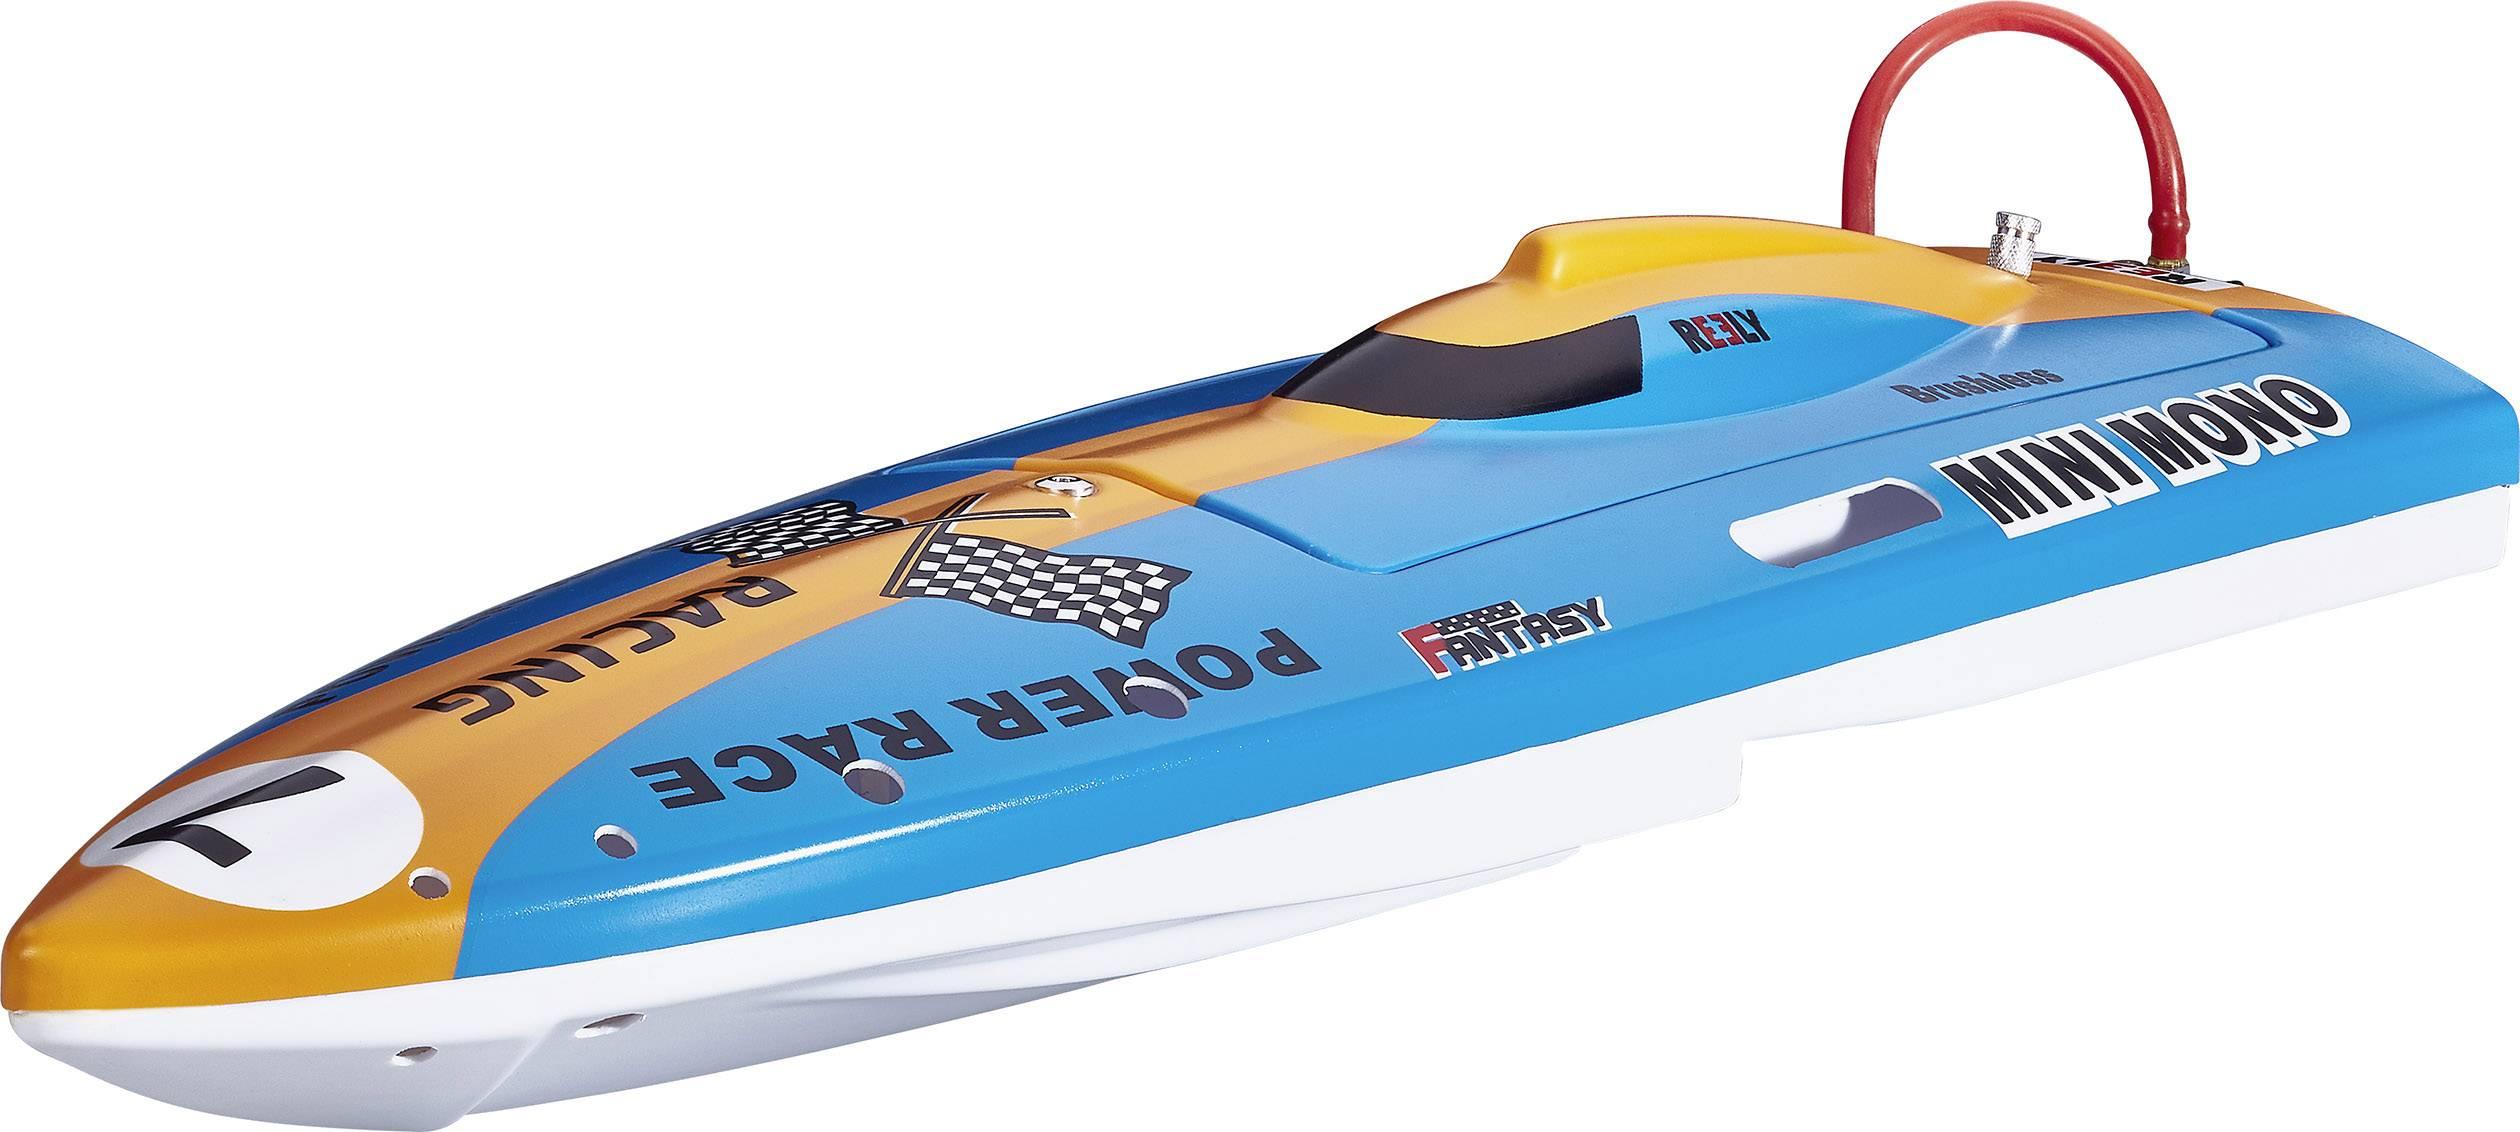 RC motorový čln Reely Mini Mono, RtR, 430 mm